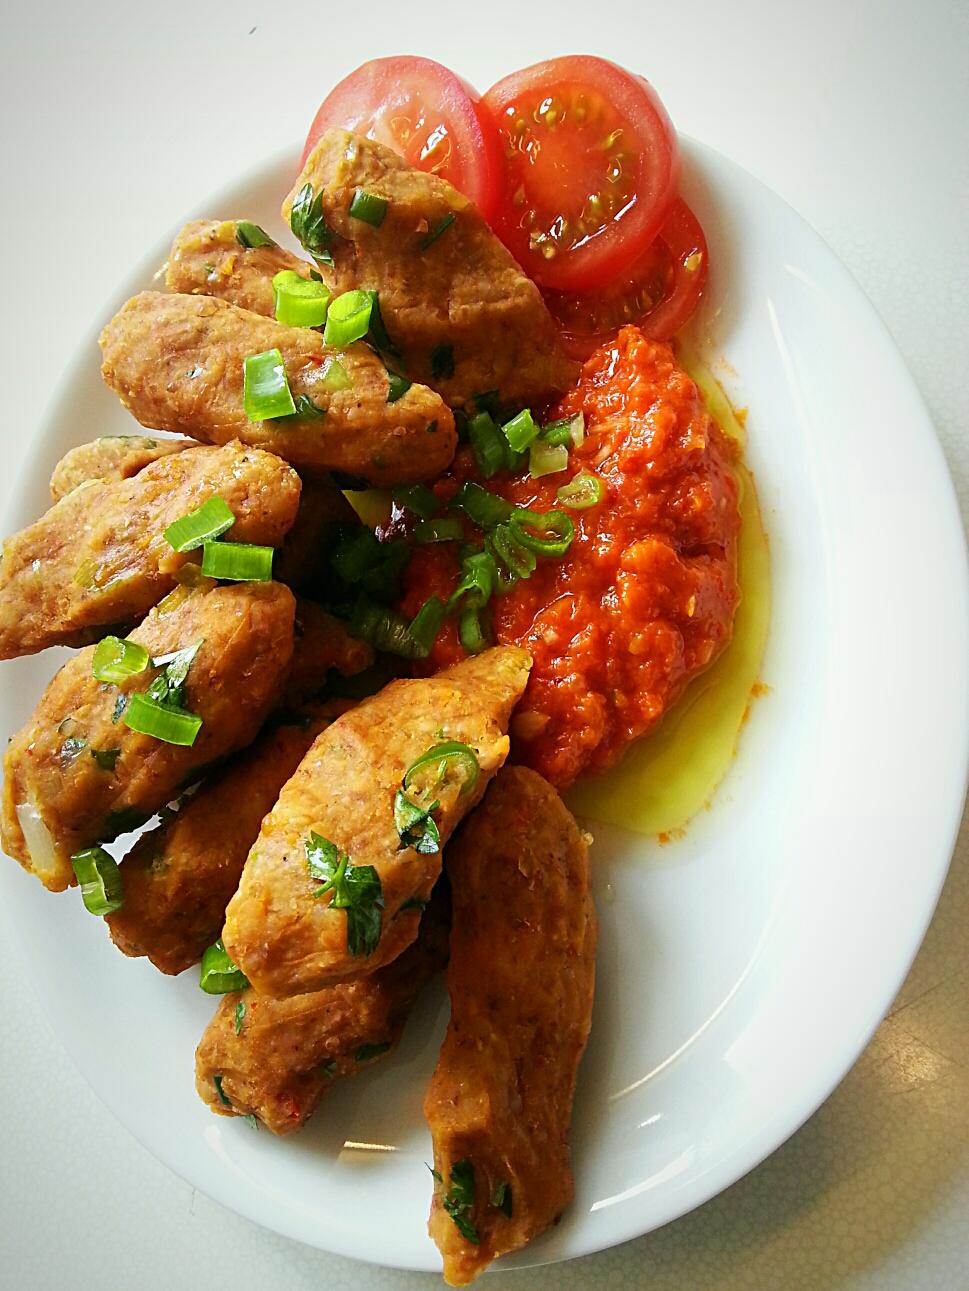 Linsenlaibchen mit einer Paprika-Tomaten Salza